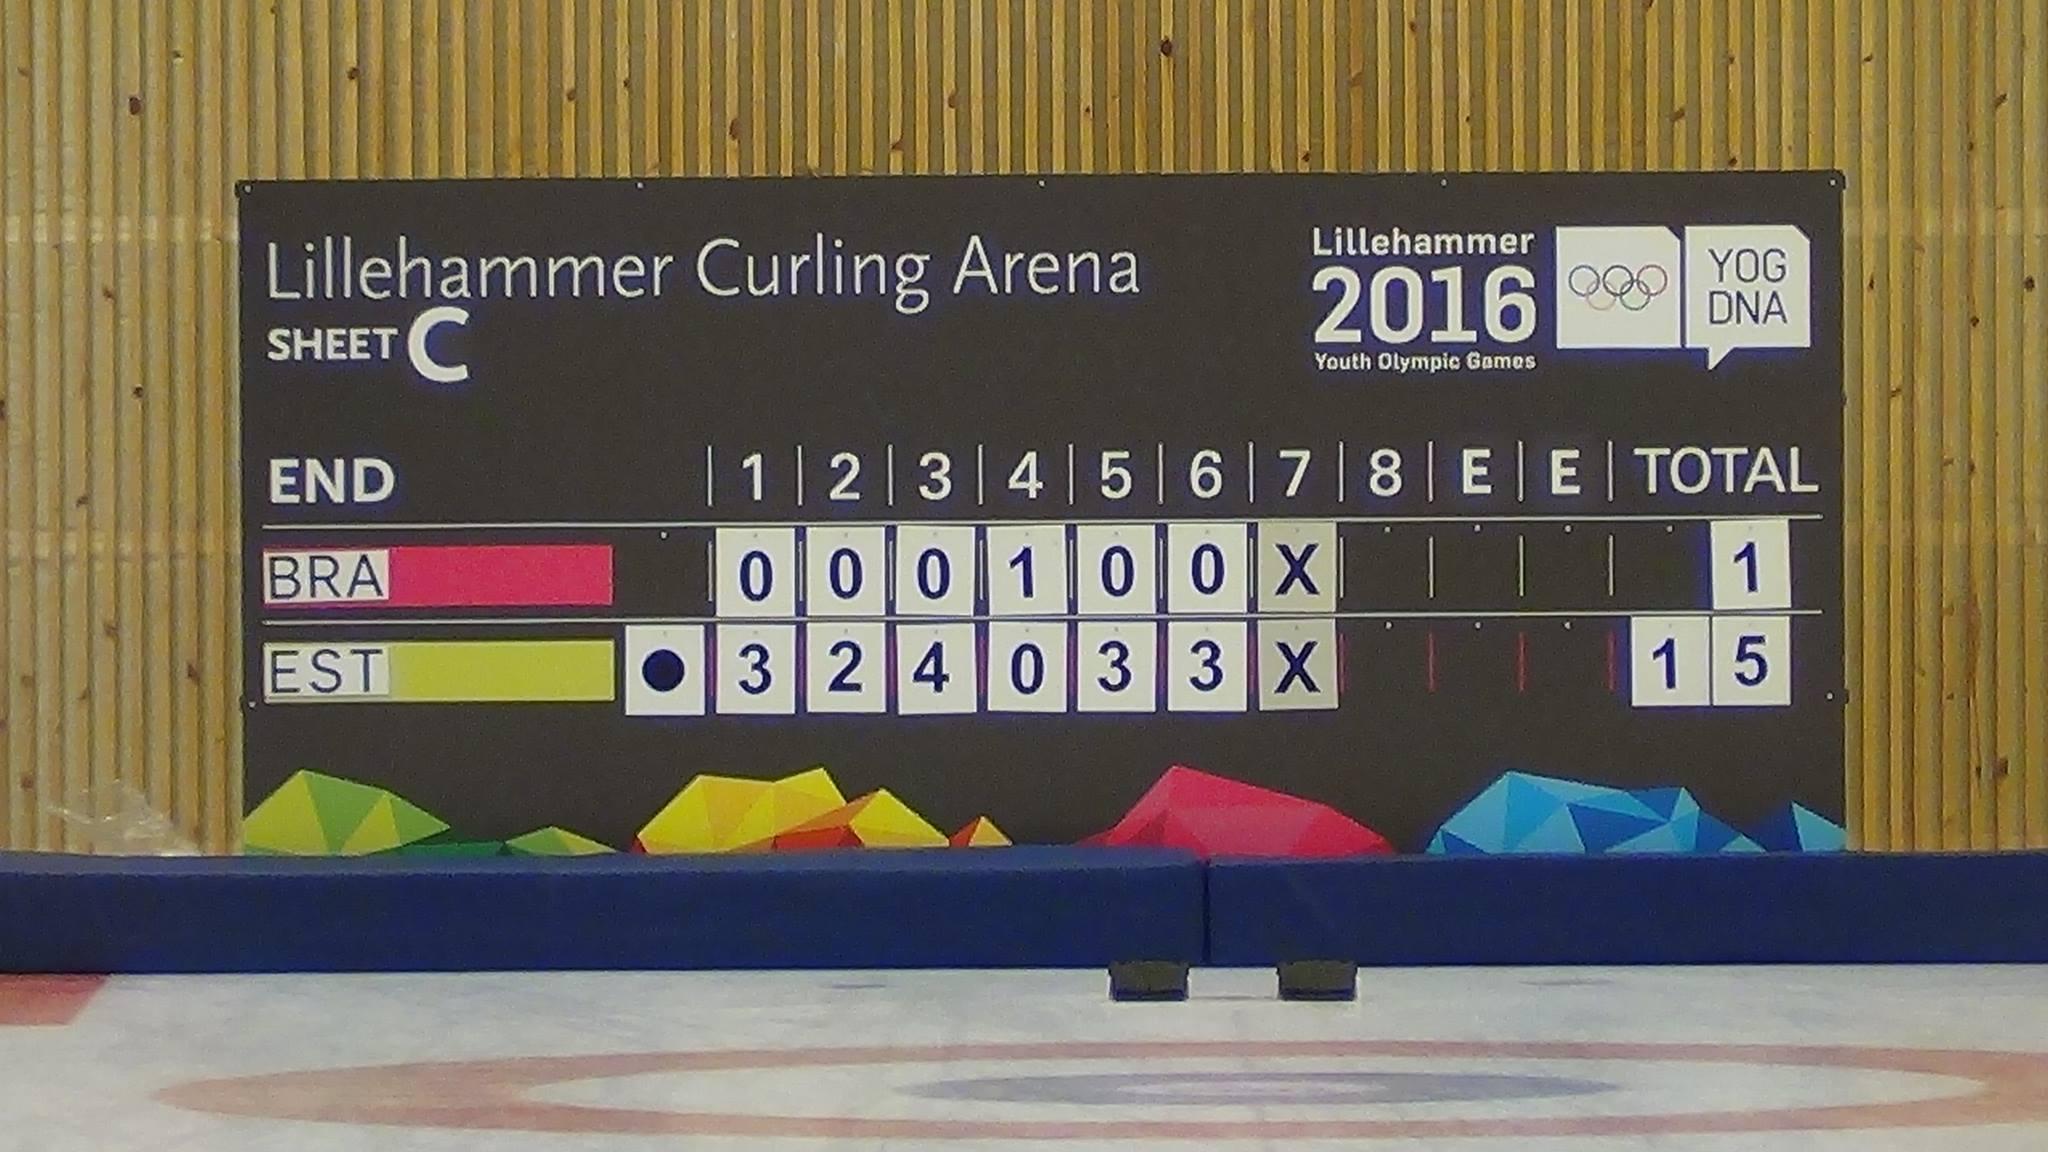 Eesti ja Brasiilia mängu tulemused